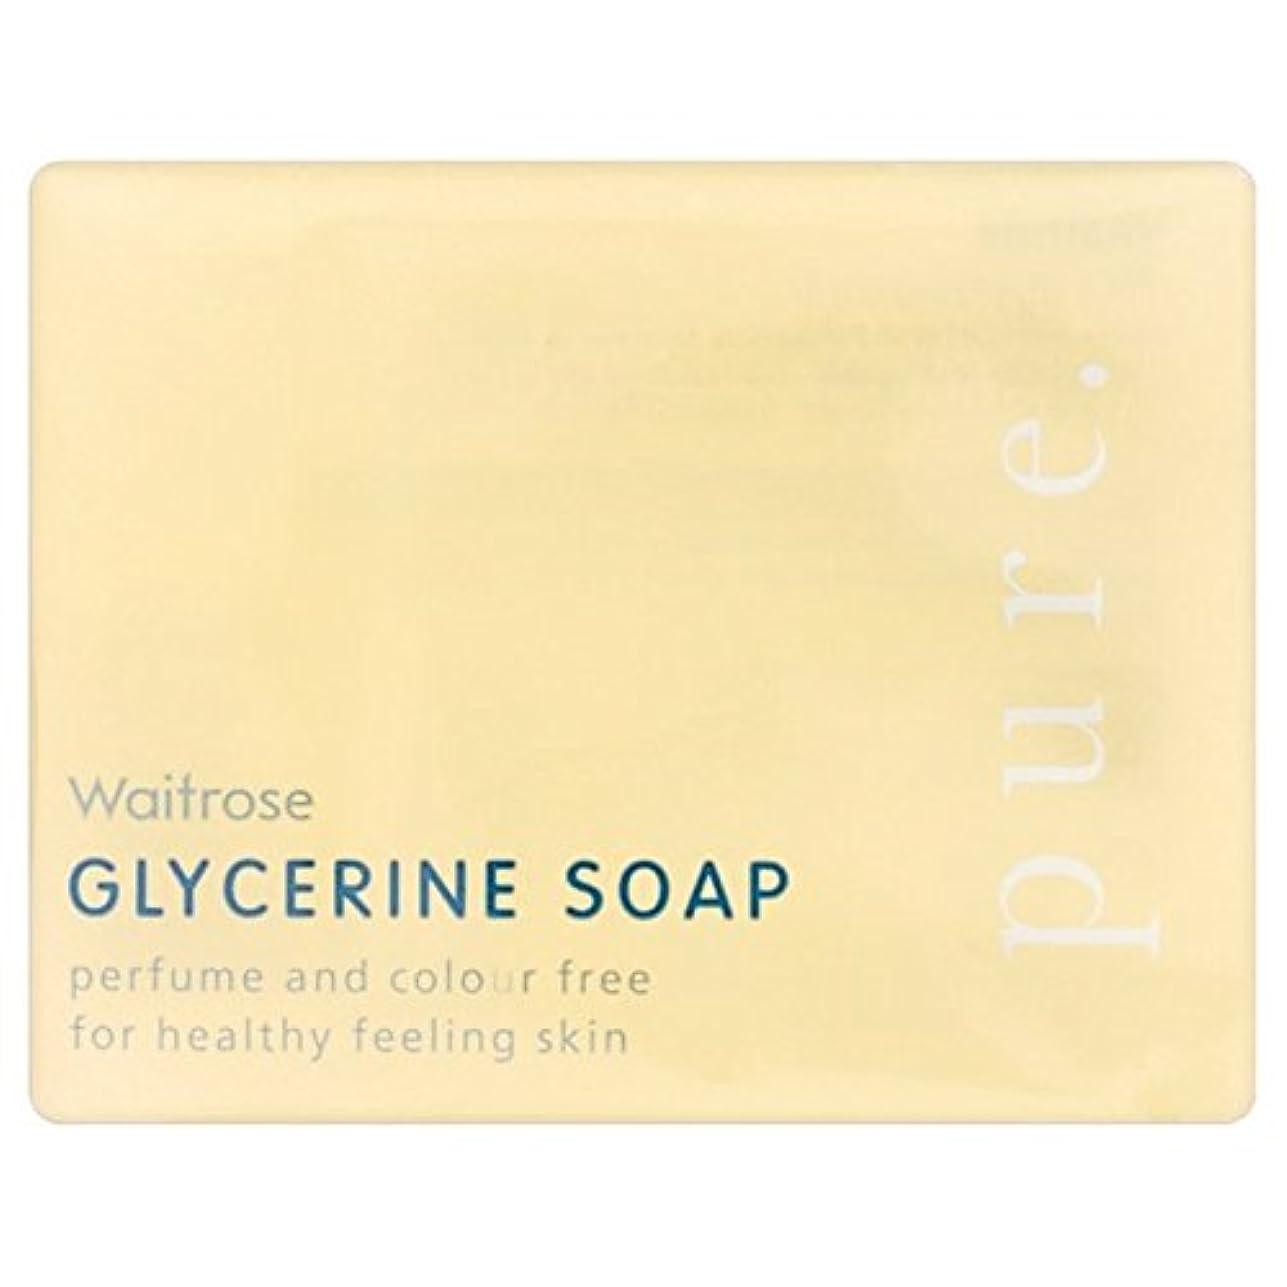 アーティキュレーション優越クールPure Glycerine Soap Waitrose 100g (Pack of 6) - 純粋なグリセリンソープウェイトローズの100グラム x6 [並行輸入品]